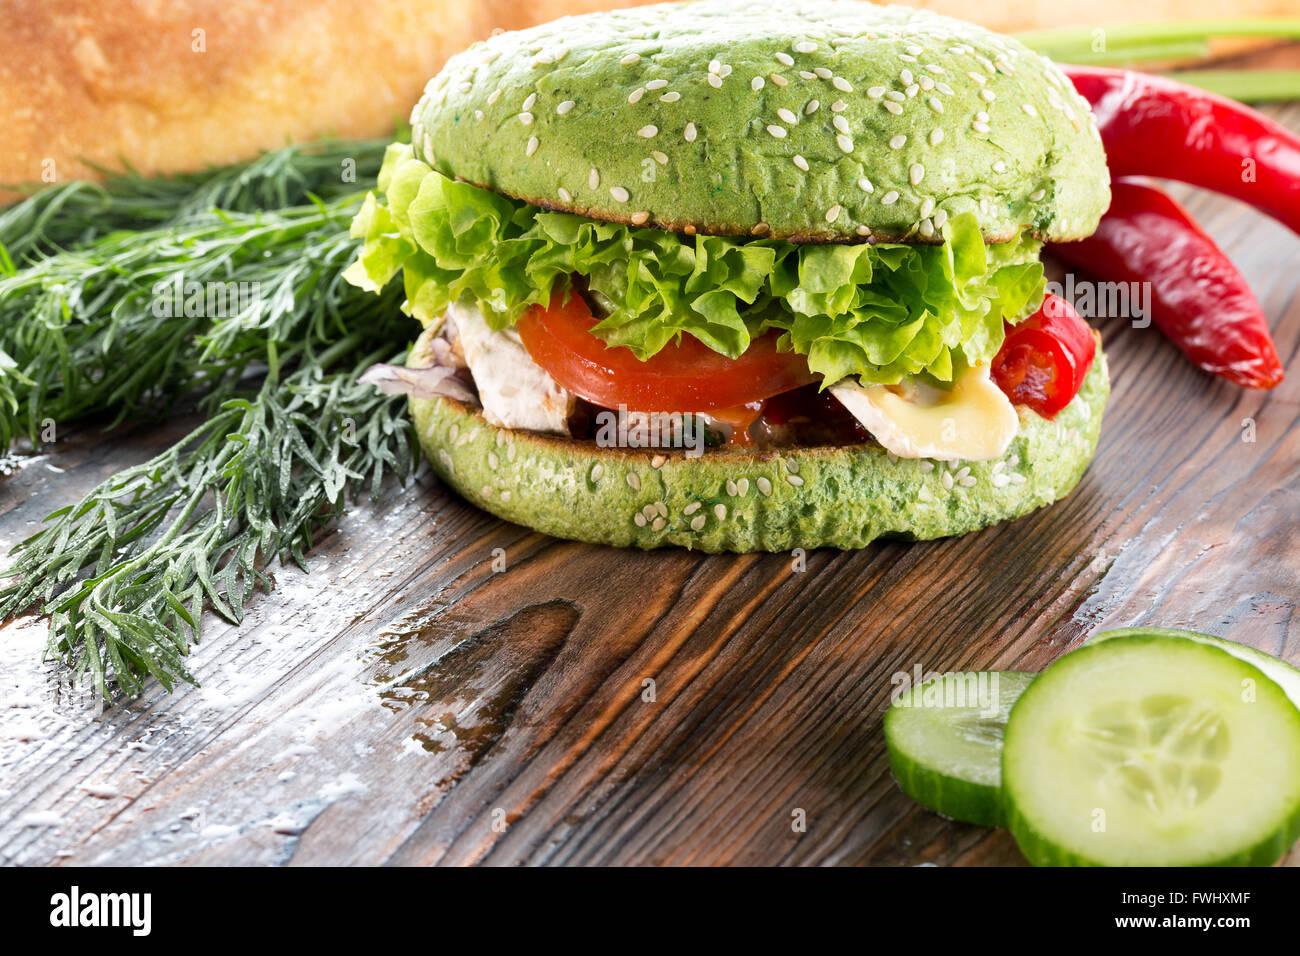 Burger mit grünen Brötchen auf hölzernen Hintergrund. Stockbild